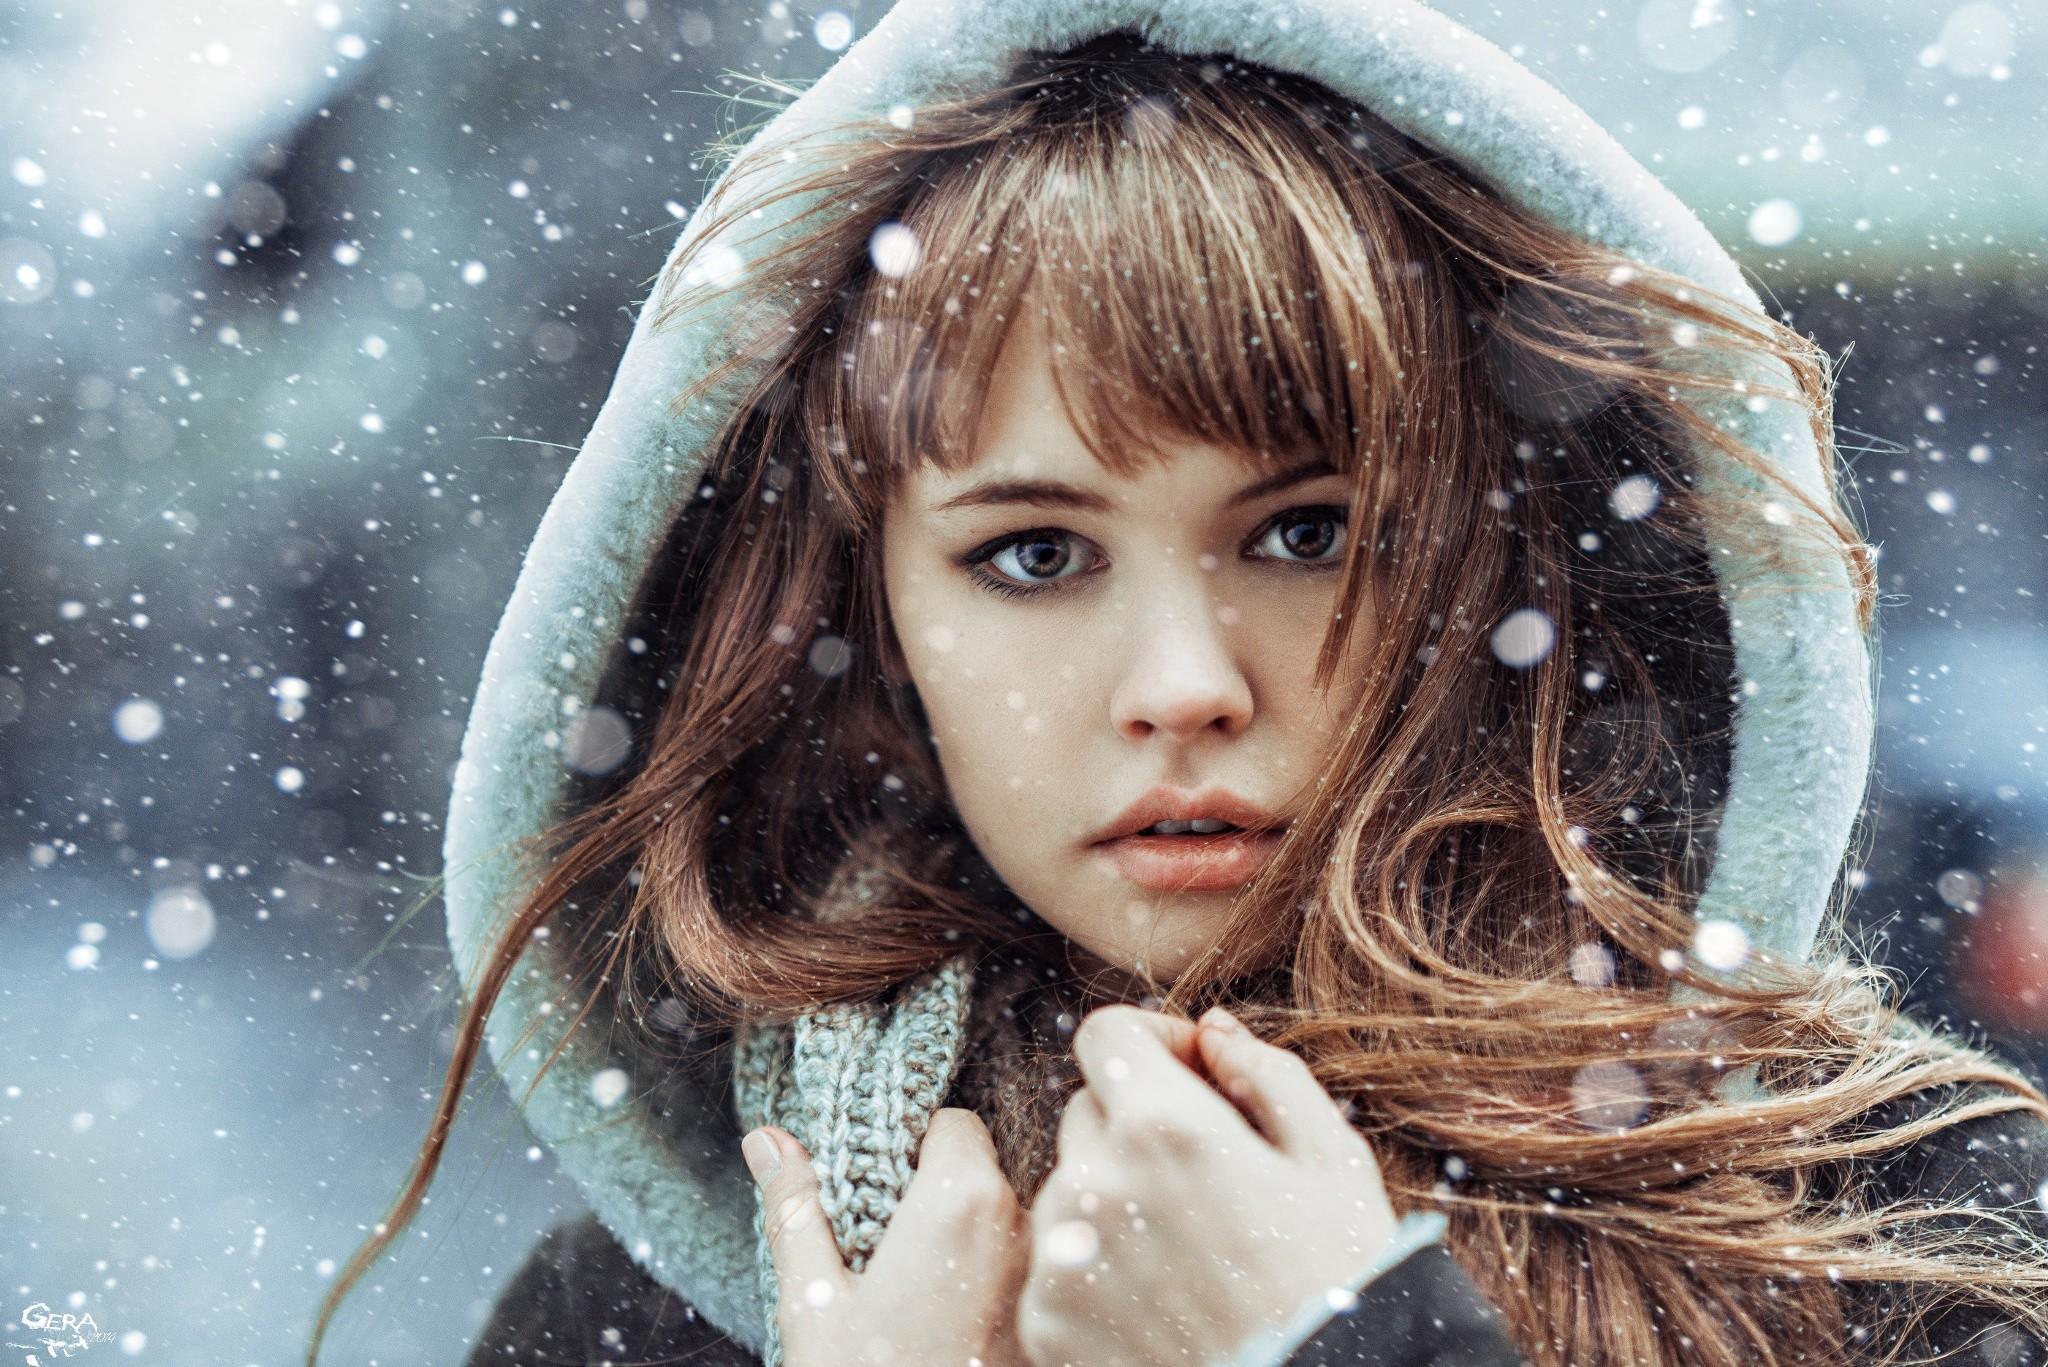 порно фильмы красивые рисунки девушек в снегу для мамы